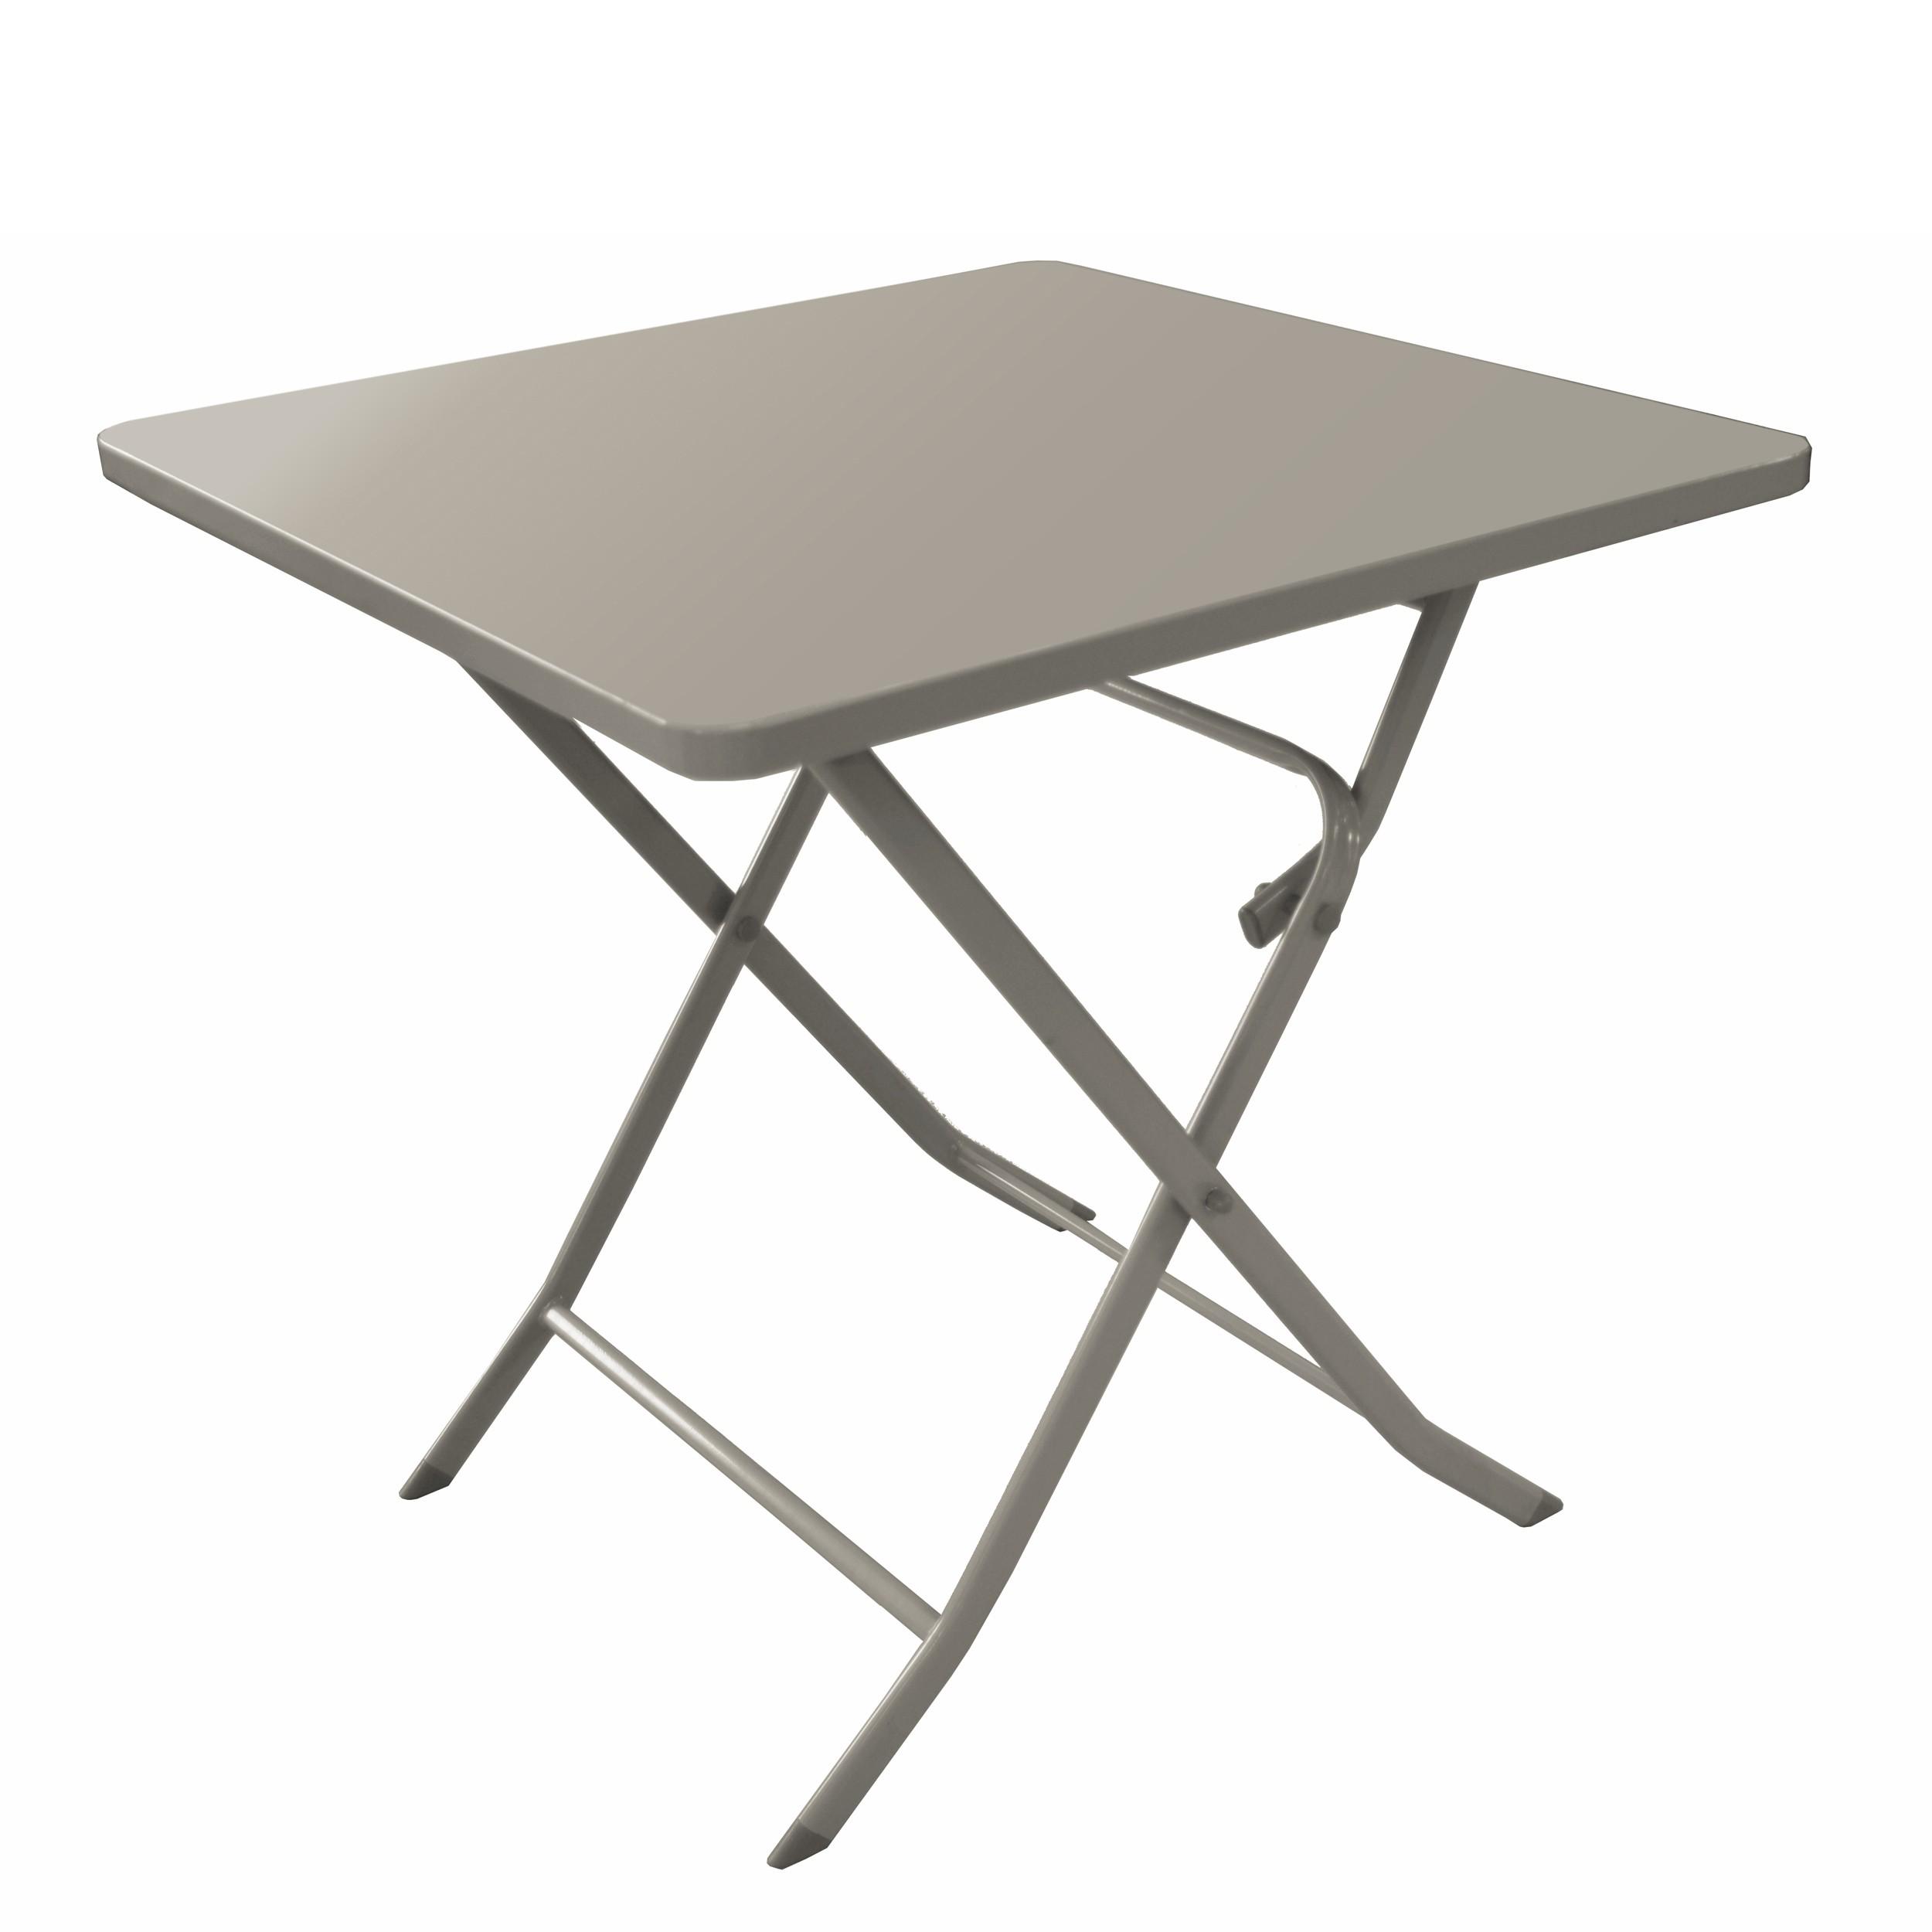 Table de jardin Mérida gris argent 70 cm : commandez nos tables de ...